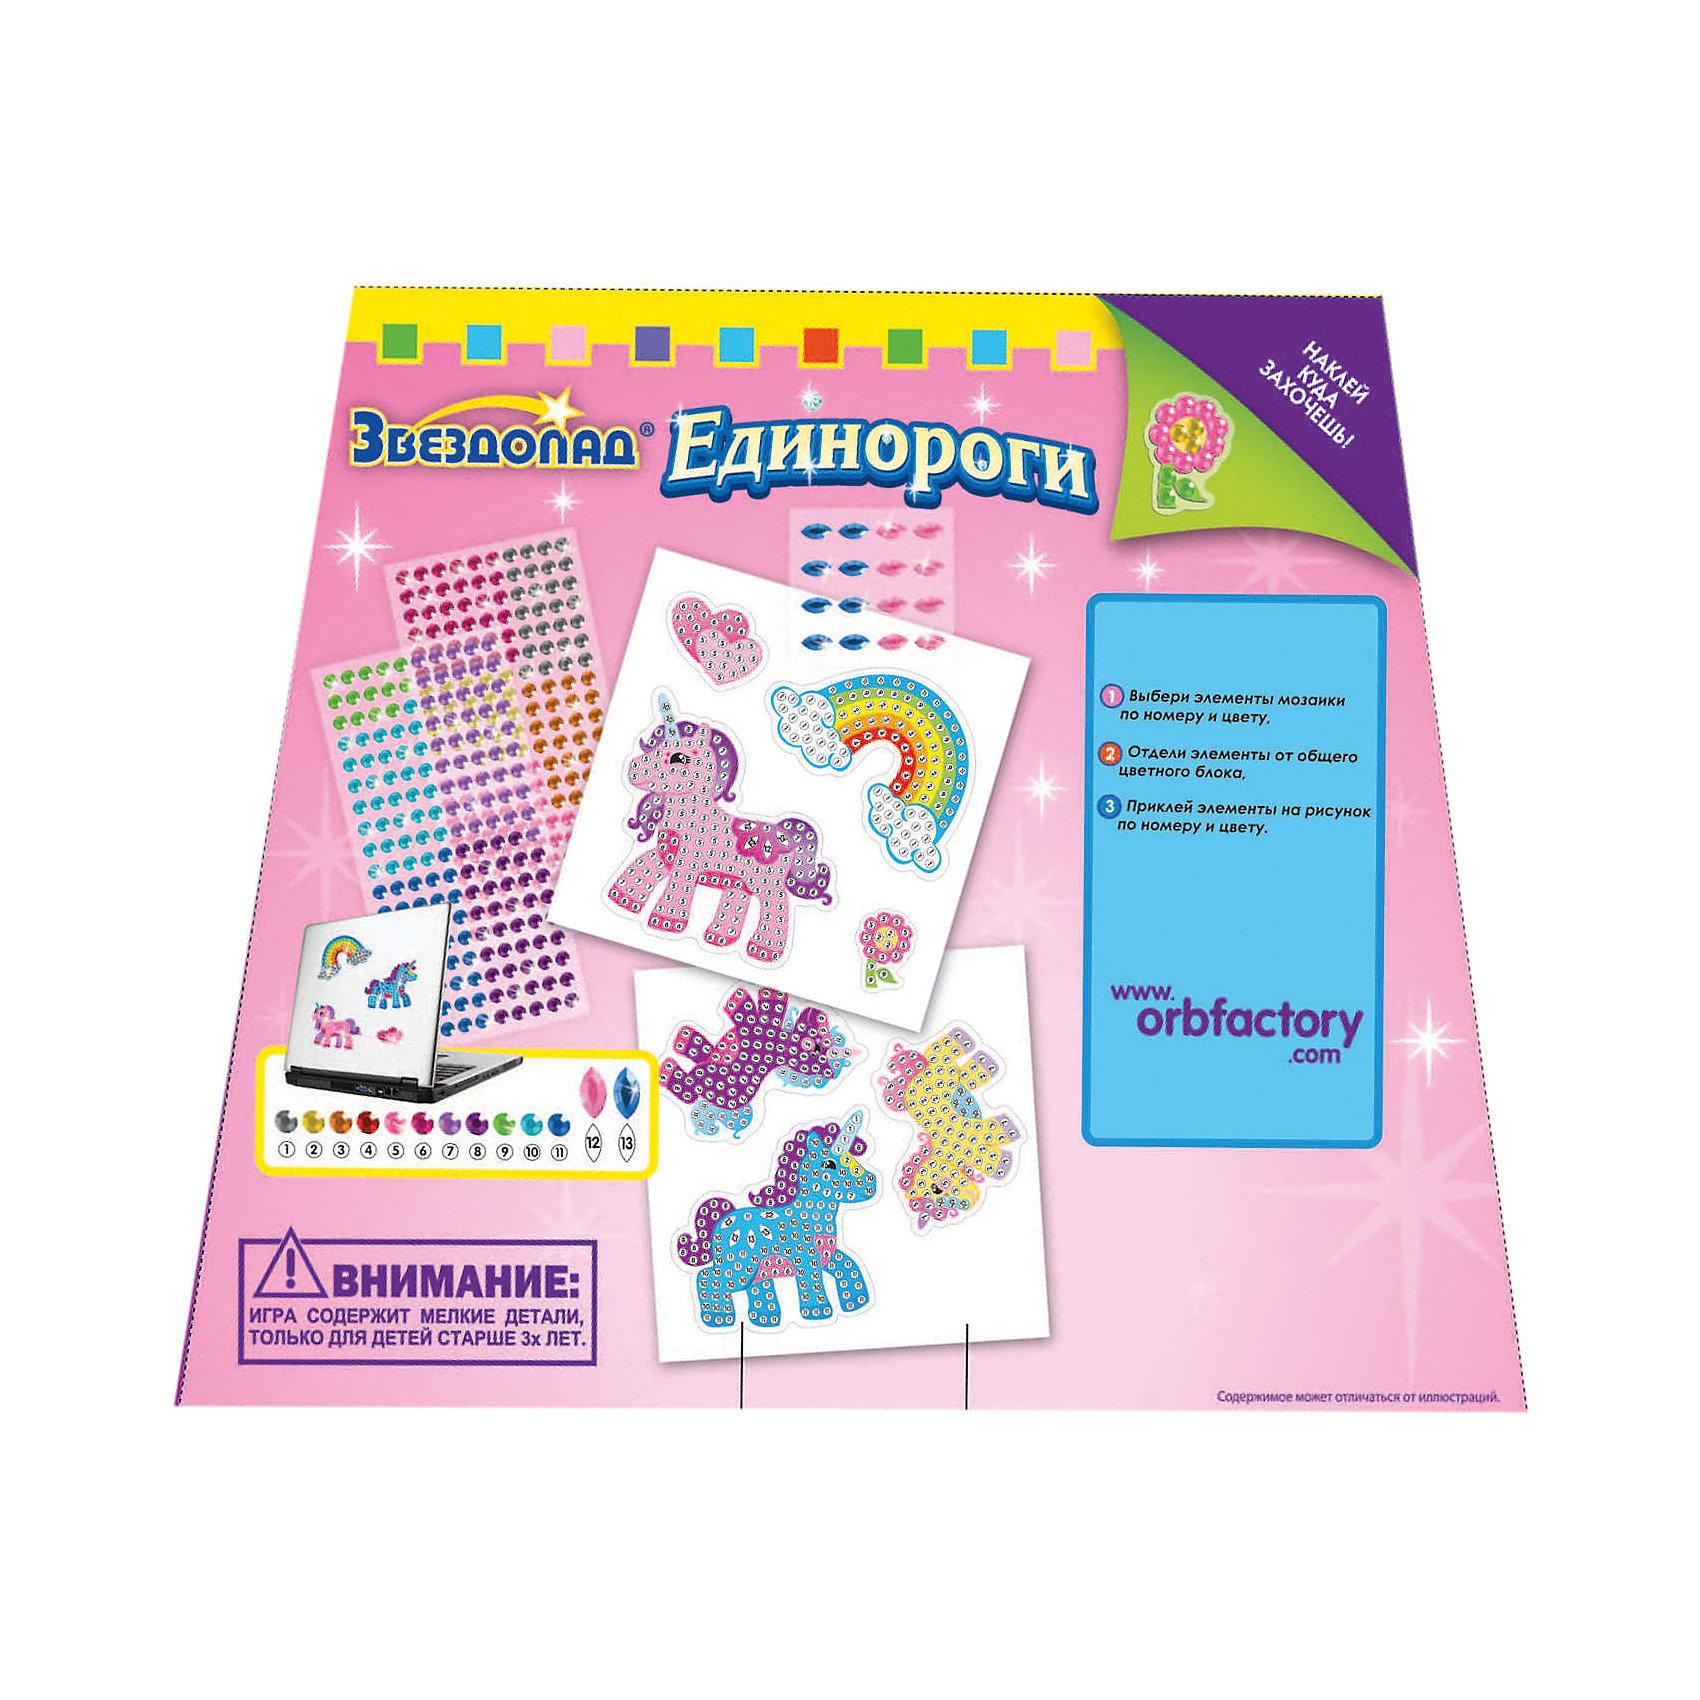 Мозаика-наклейки Единороги 7шт, ОригамиМозаика-наклейки Единороги, 7шт., Оригами – увлекательный набор, который поможет ребенку без особого труда создать великолепные наклейки.<br>Мозаика-наклейки Единороги отличается высоким качеством исполнения и красочным цветовым дизайном. Процесс создания мозаики несложен и под силу даже ребенку: нужно выбрать самоклеящиеся элементы мозаики по номеру и цвету, затем отделить их от общего блока и наклеить на подходящее по номеру и цвету место на рисунке. Готовыми наклейками можно украсить чехол мобильного телефона, крышку ноутбука, оформить обложку дневника или тетради. Набор упакован в картонную сумочку на липучке с текстильной ручкой. Данный набор прекрасно развивает моторику рук и пространственное мышление, а также воображение и внимательность.<br><br>Дополнительная информация:<br><br>- В наборе: 7 наклеек различного размера и формы, более 550 самоклеящихся украшений<br>- Размер упаковки: 229х25х191 мм.<br>- Вес упаковки: 240 гр.<br><br>Мозаику-наклейки Единороги, 7шт., Оригами можно купить в нашем интернет-магазине.<br><br>Ширина мм: 229<br>Глубина мм: 25<br>Высота мм: 191<br>Вес г: 240<br>Возраст от месяцев: 48<br>Возраст до месяцев: 96<br>Пол: Женский<br>Возраст: Детский<br>SKU: 4075992